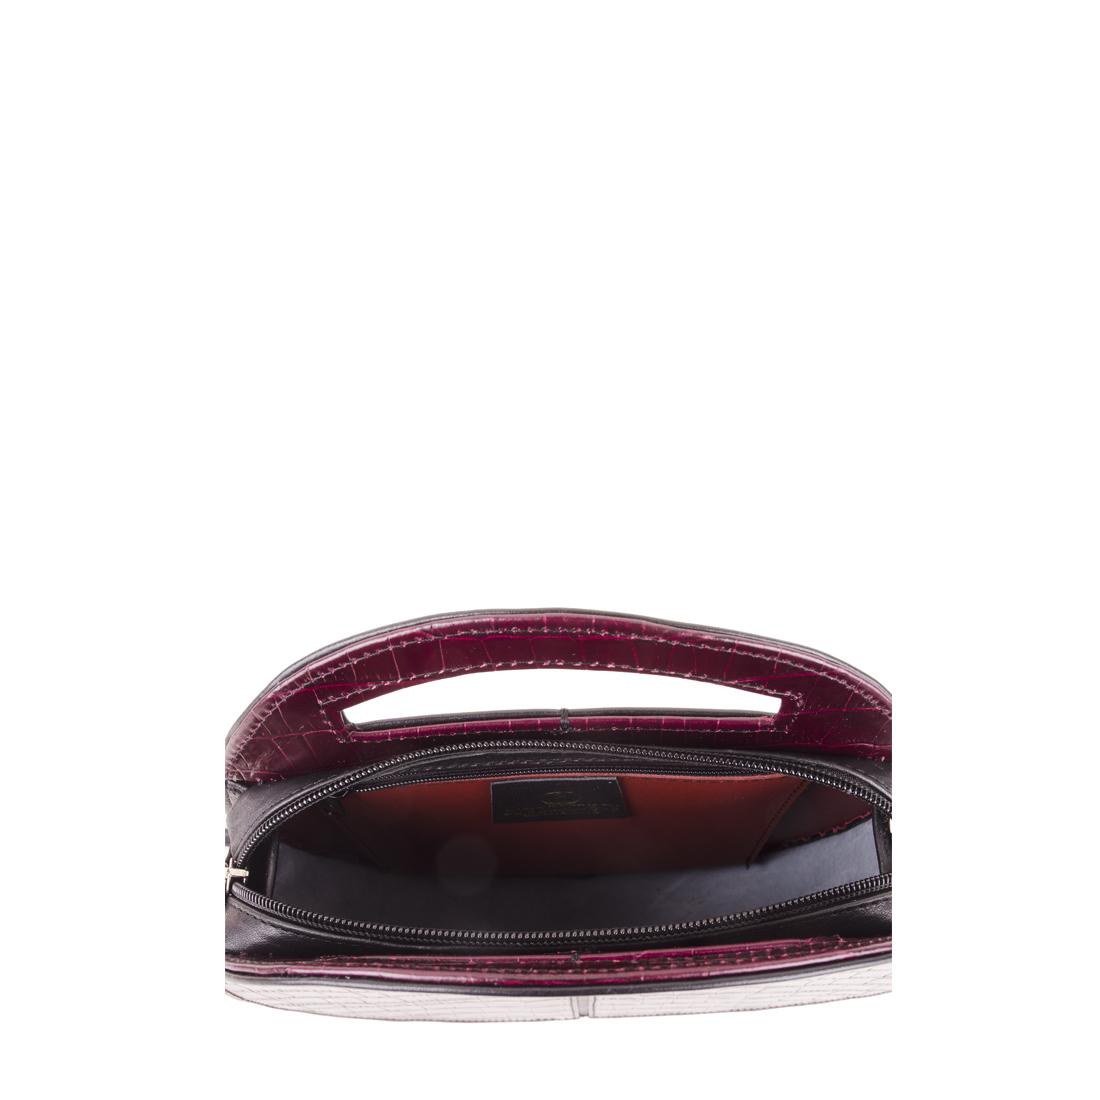 Olivia Burgundy Crocodile Print Leather Shoulder Bag